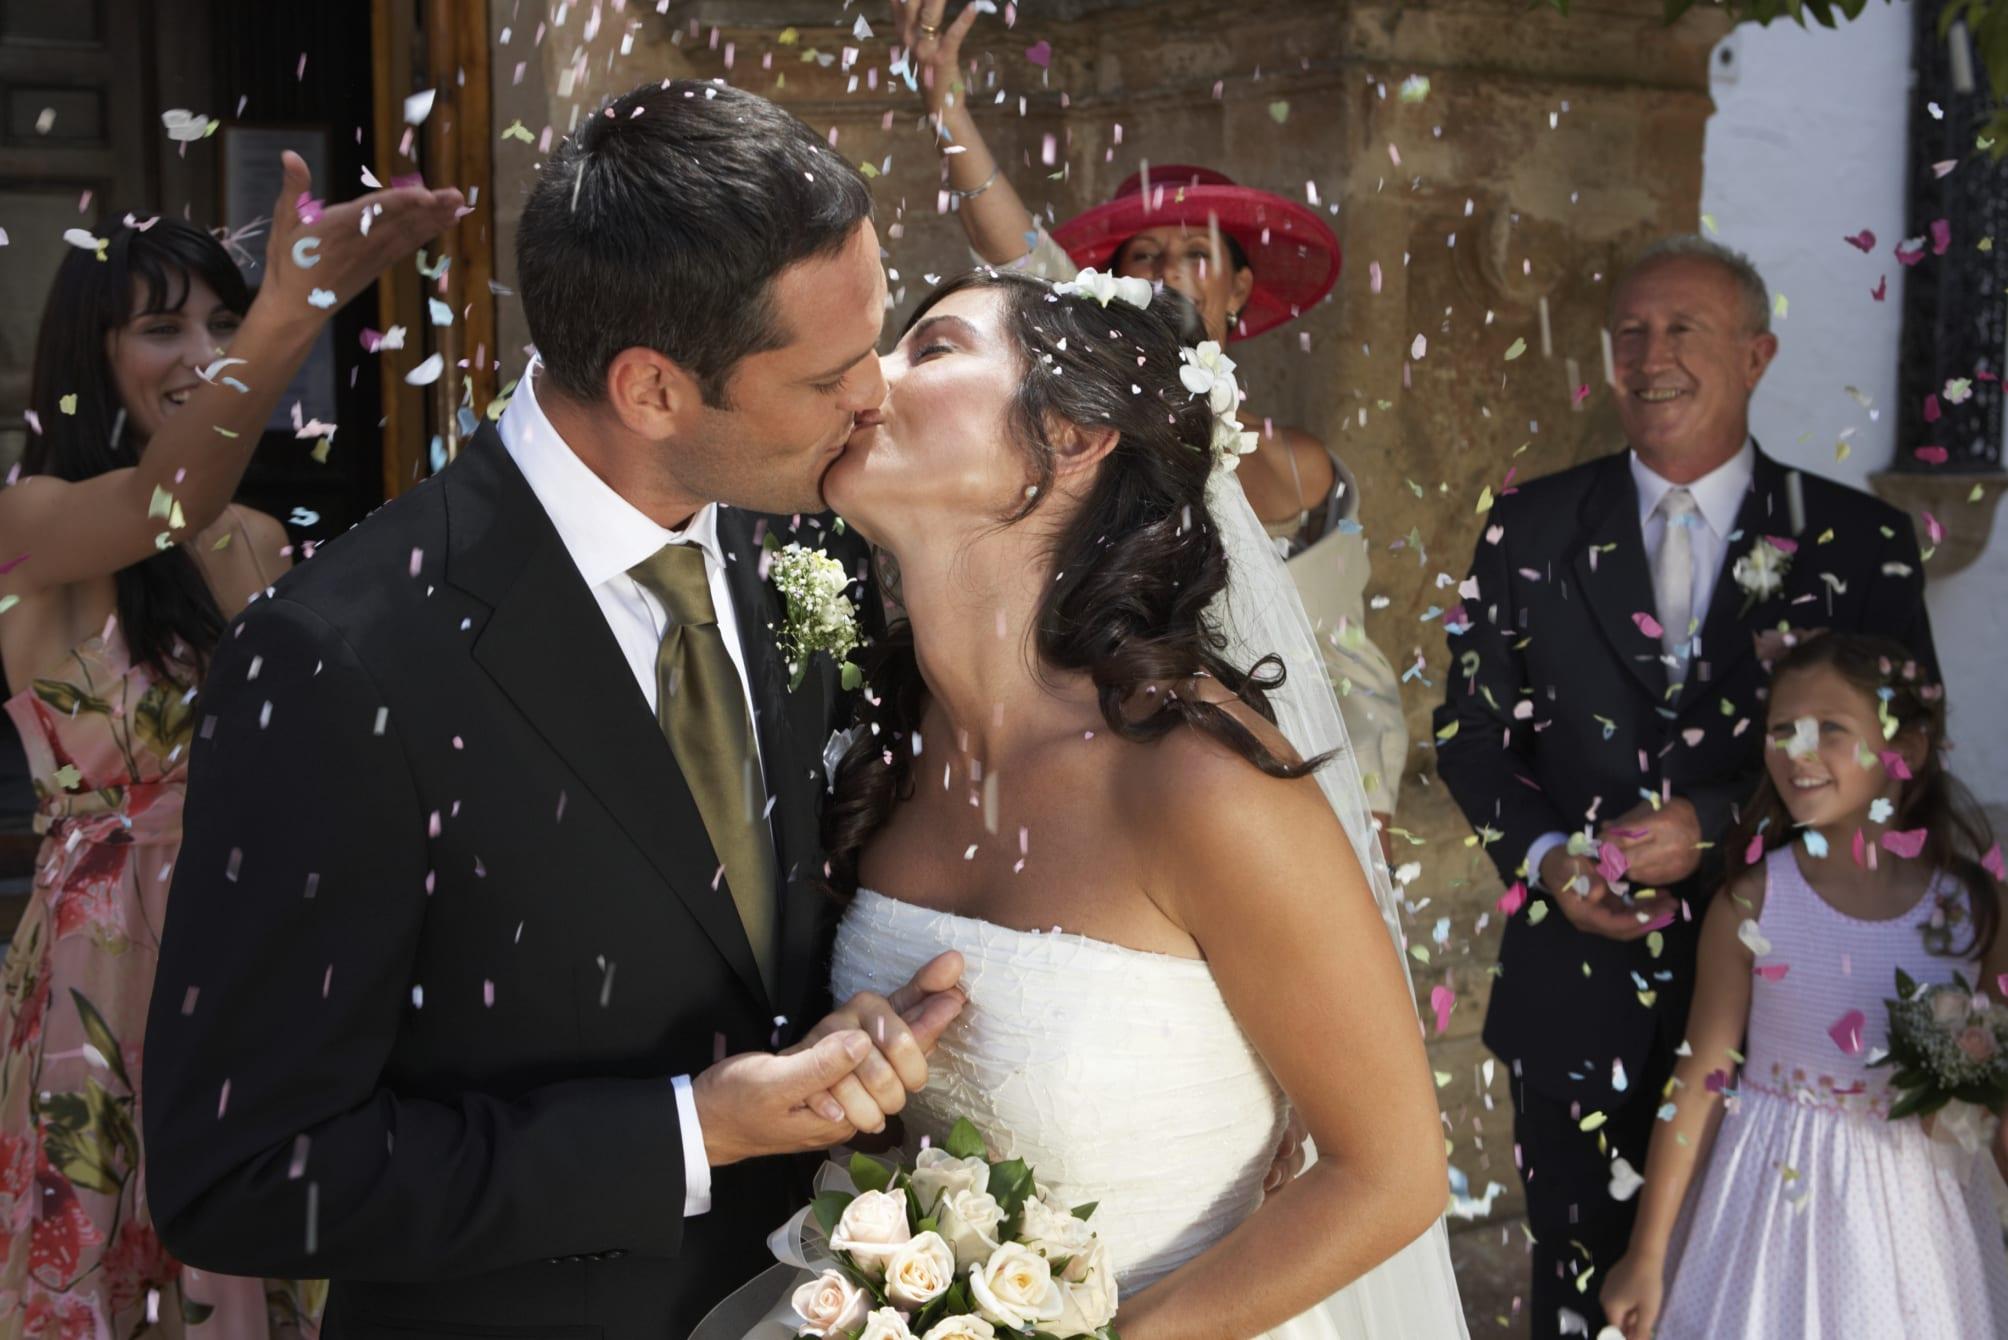 lancio riso e petali sugli sposi